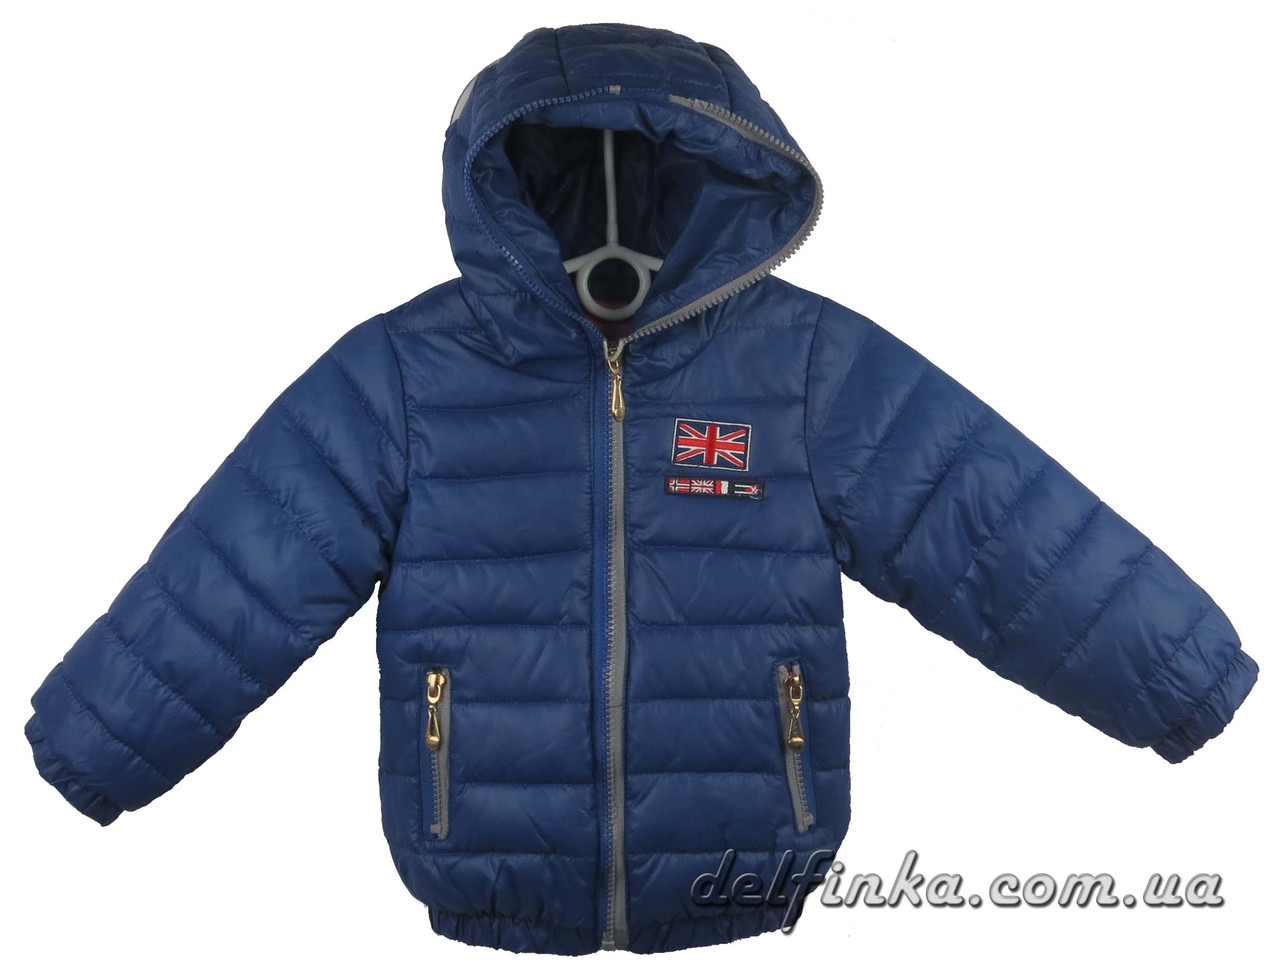 Куртка для девочек демисизонная 1-4 лет цвет синий, фото 1